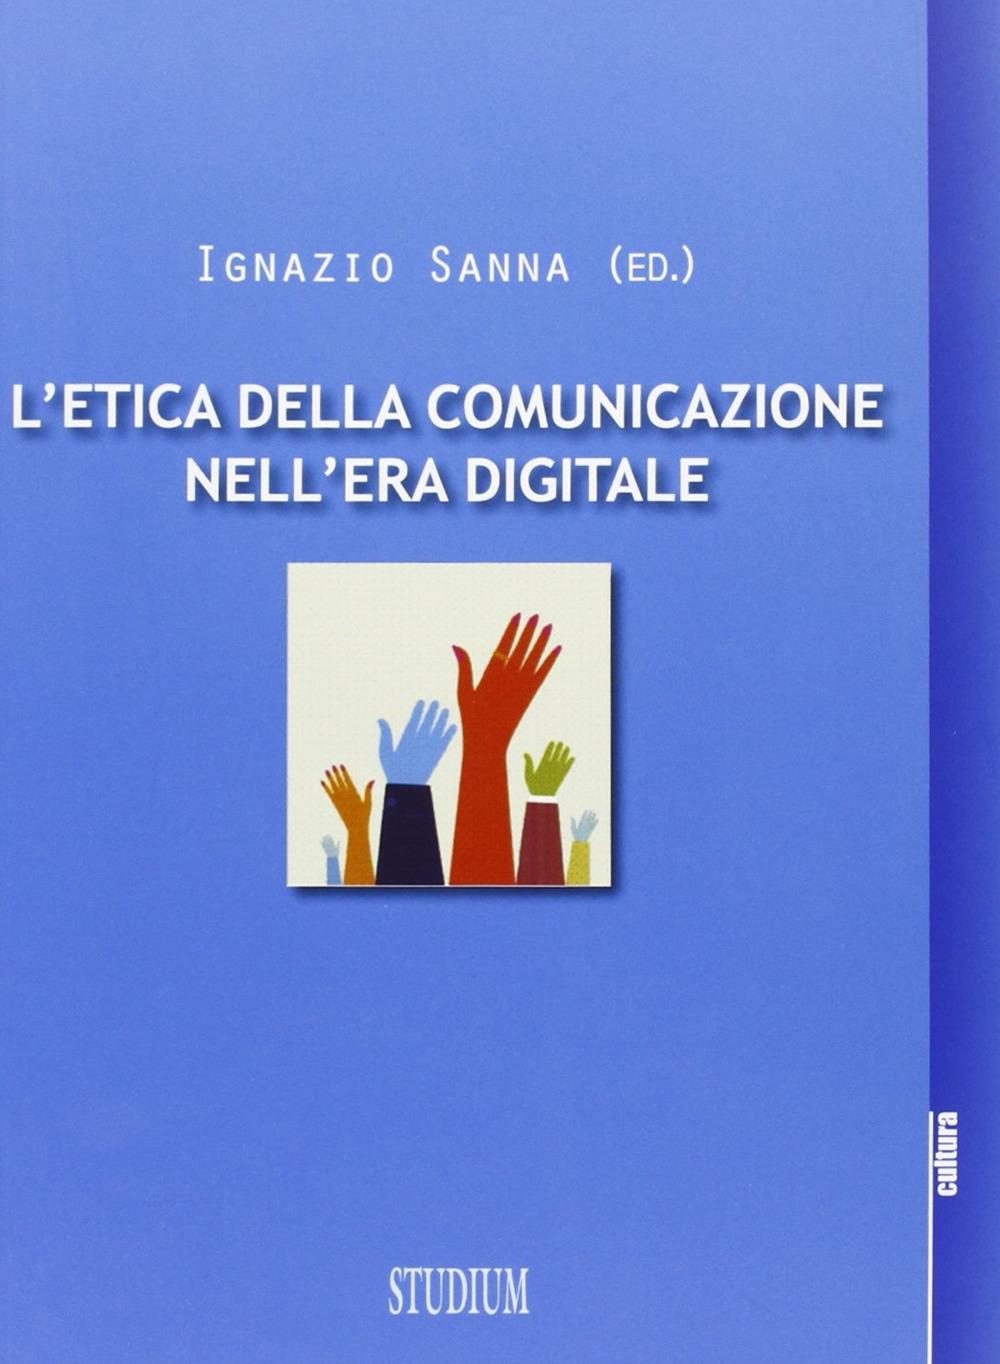 L'etica della comunicazione nell'era digitale